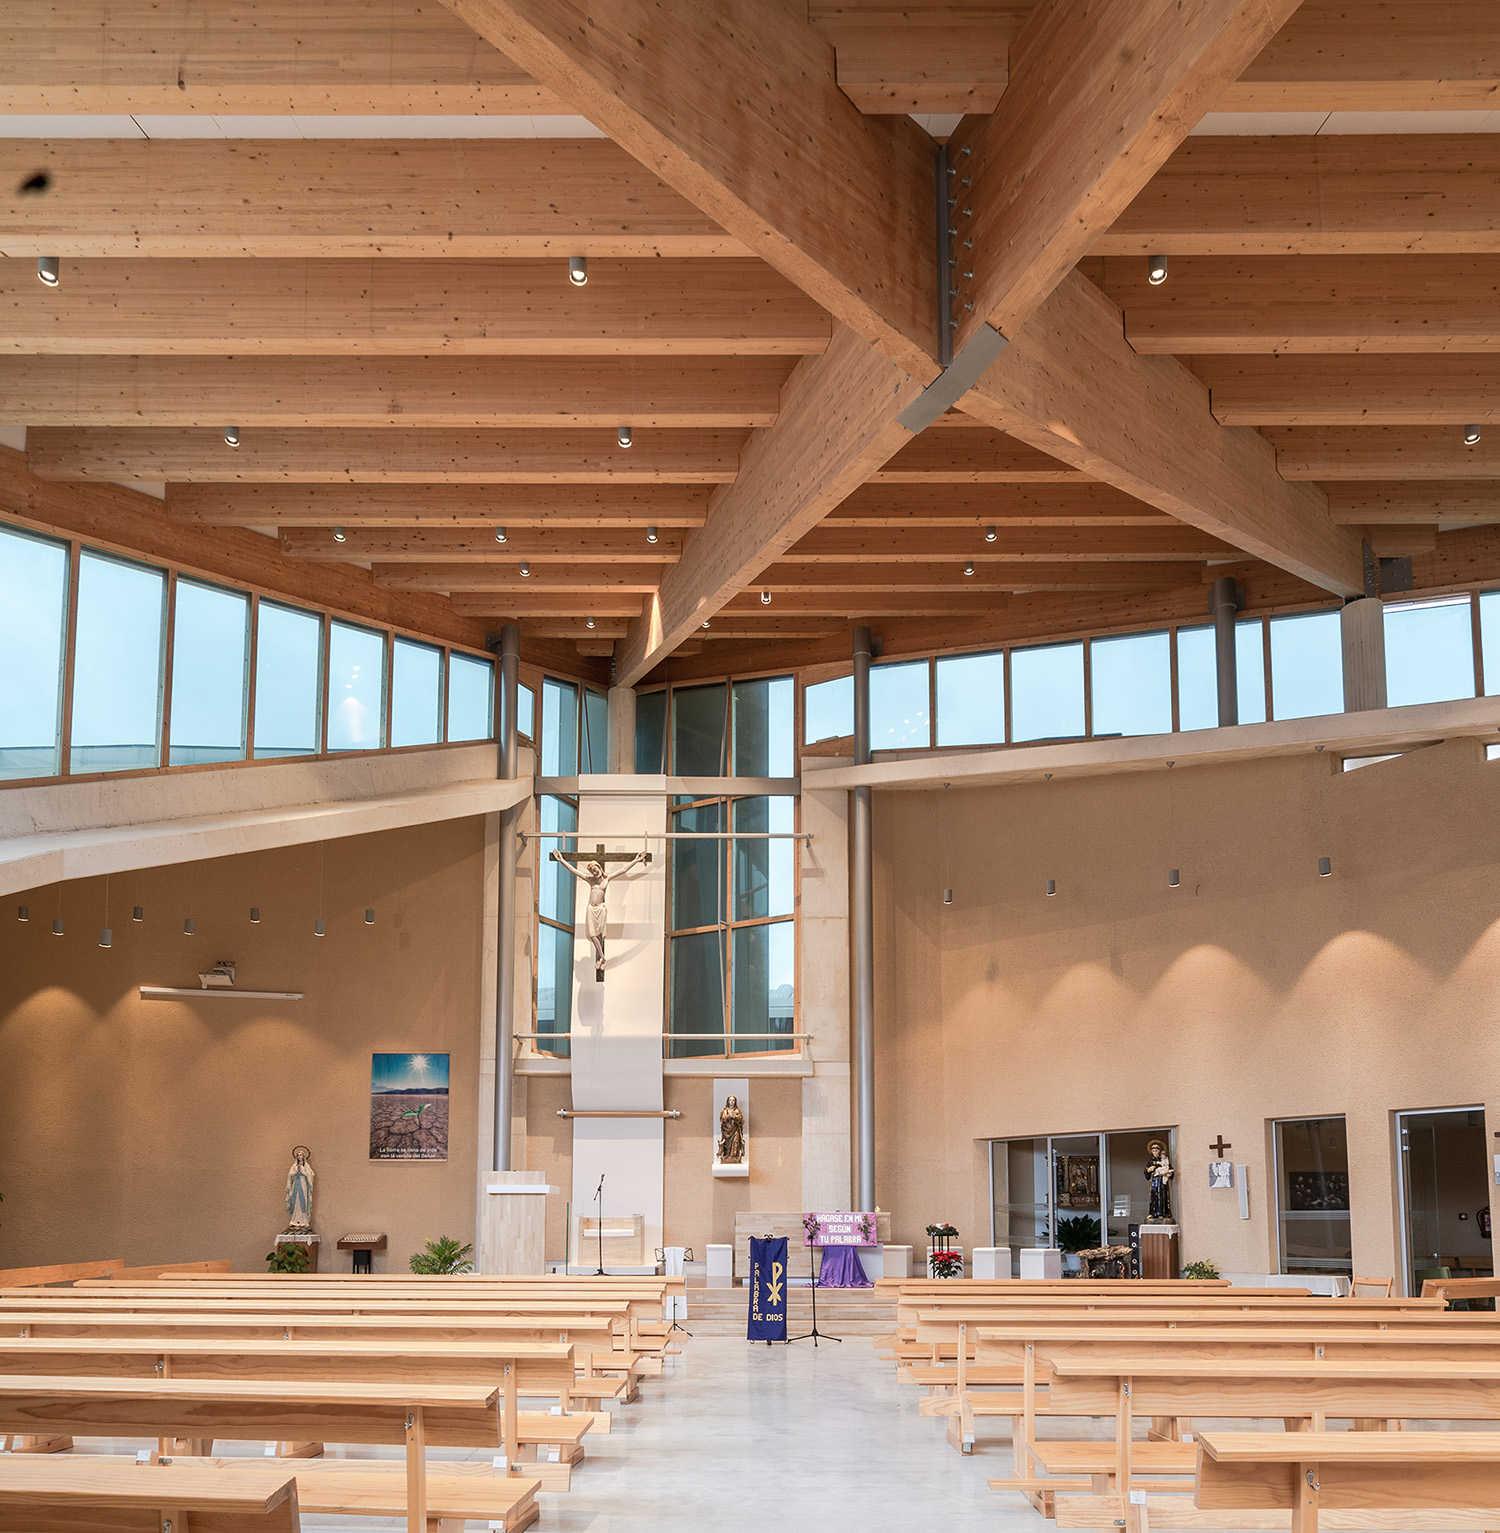 Iglesia Nuestra Señora del Lourdes interior construcción